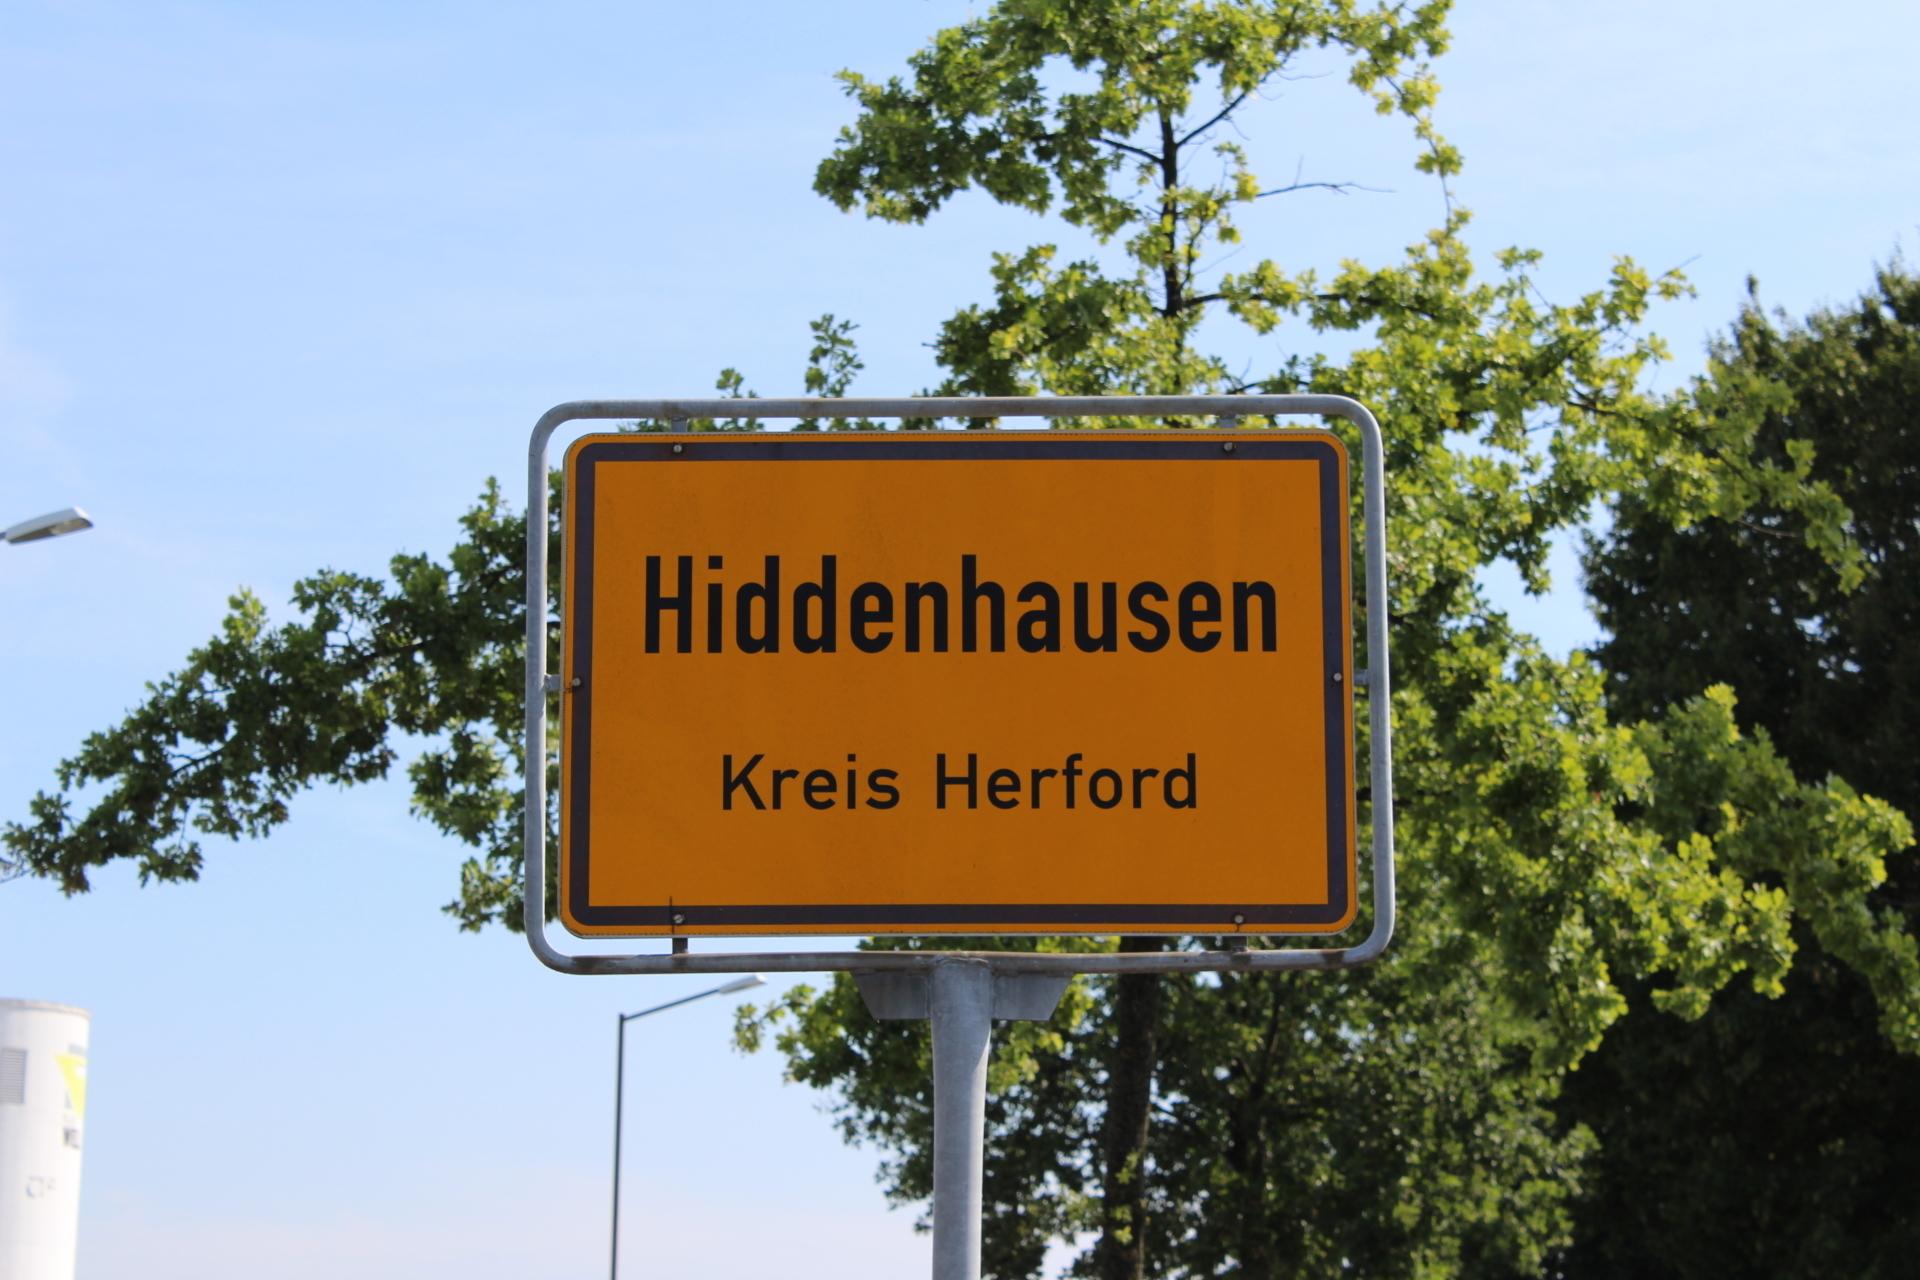 Doku Dorfwerkstatt HIddenhausen am 6.11.2018